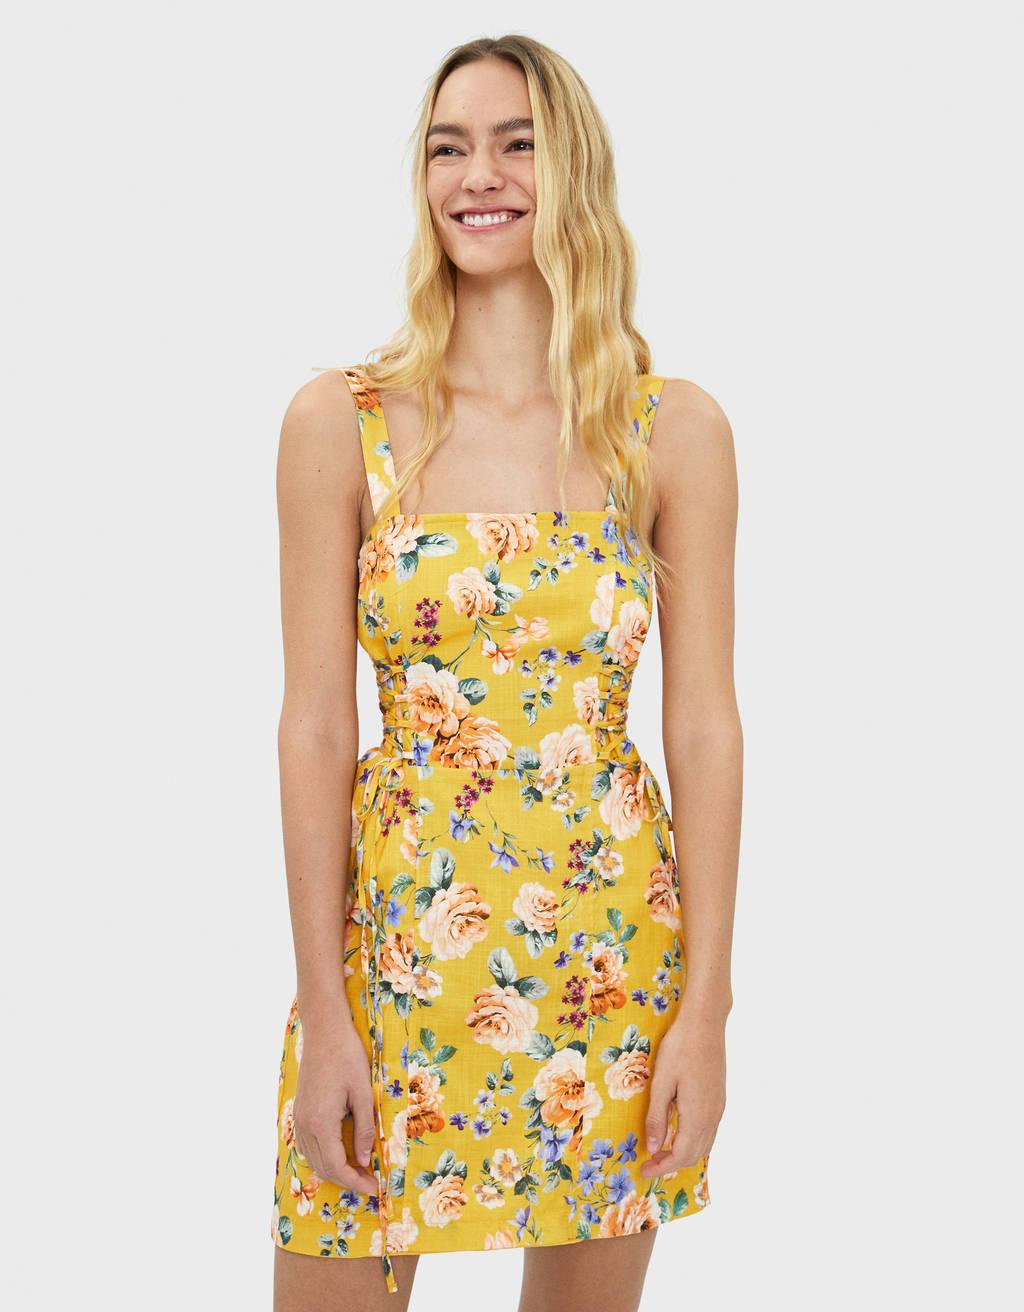 6b9ec4c8af6cb Robes pour femme - Soldes d'été 2019 | Bershka